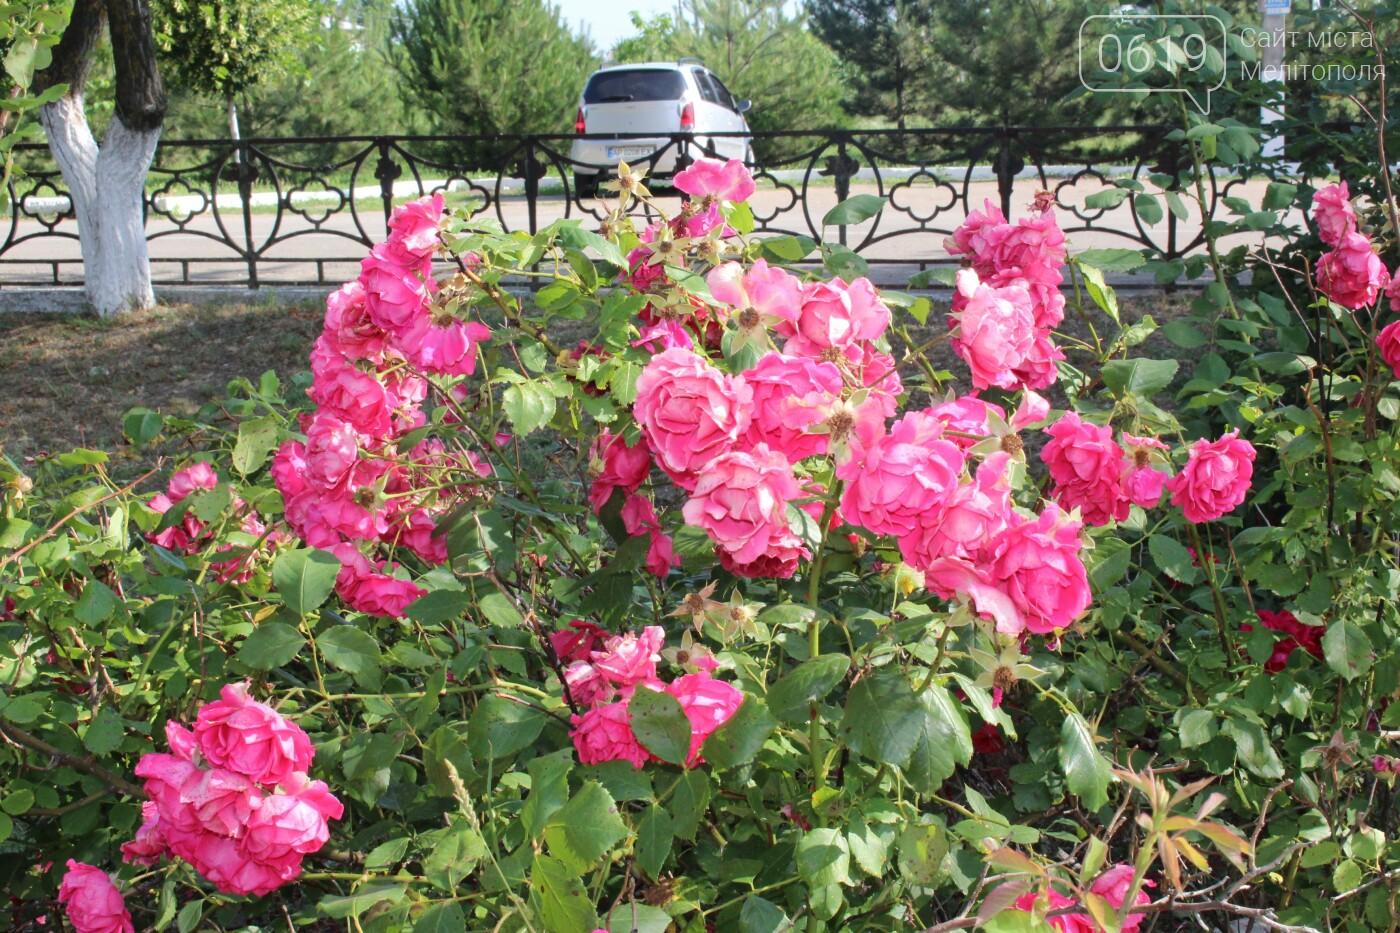 Мелитополь - город роз: королева цветов повсюду, фото-9